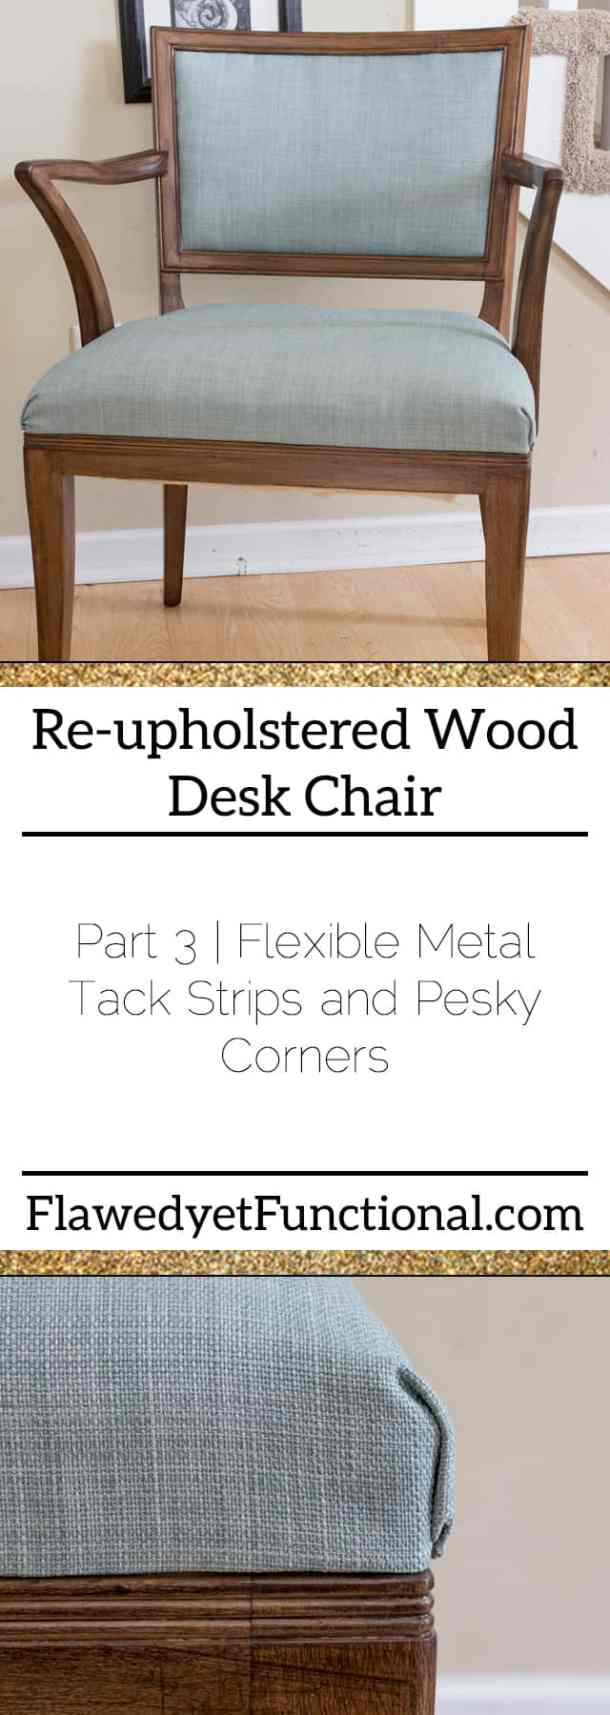 Desk Chair Upholstery